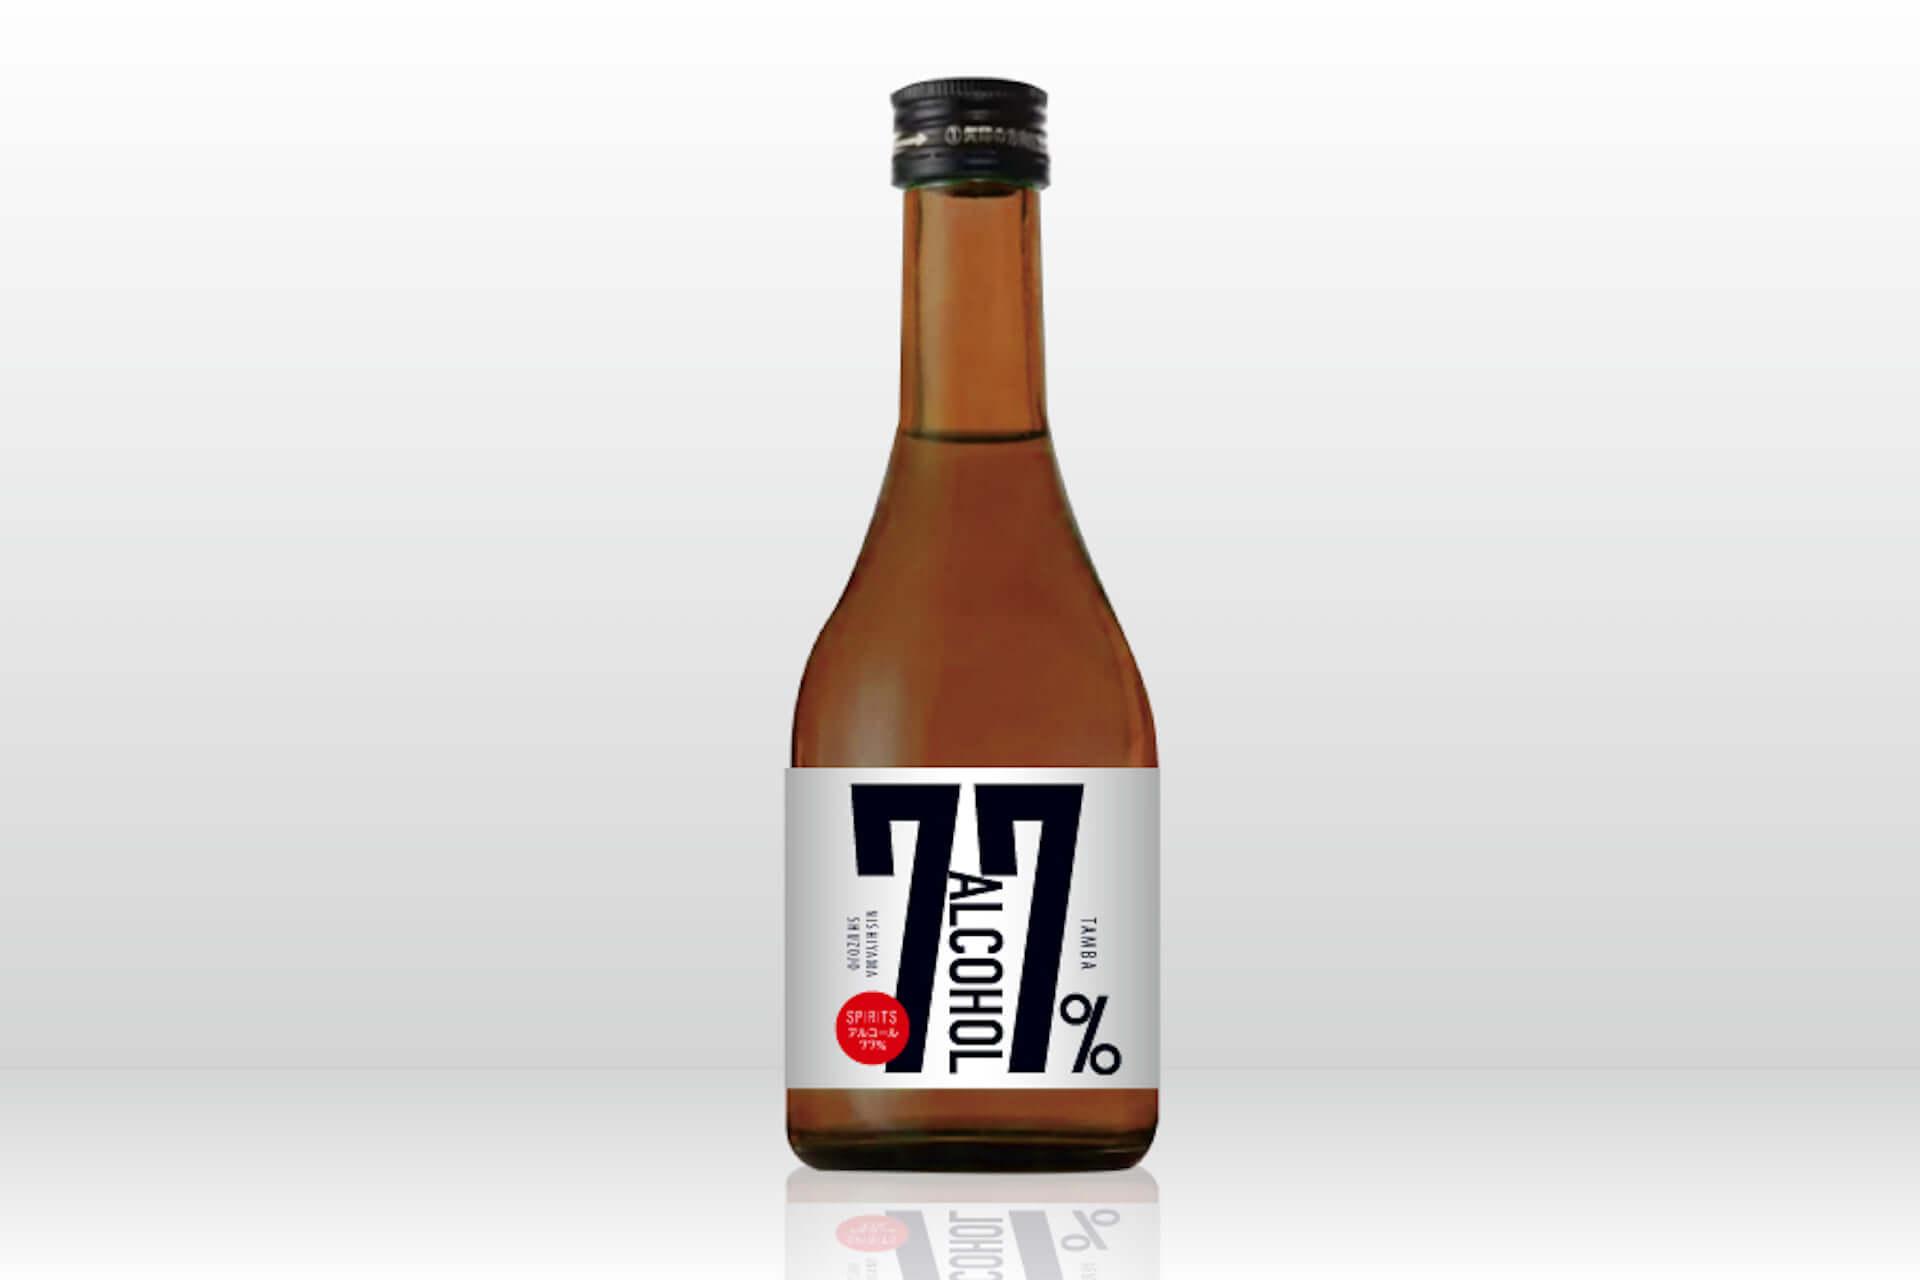 お酒でしっかり消毒しよう!高濃度アルコール酒『丹波ALCOHOL77%』の予約販売が開始 gourmet200420_kurand_1-1920x1280